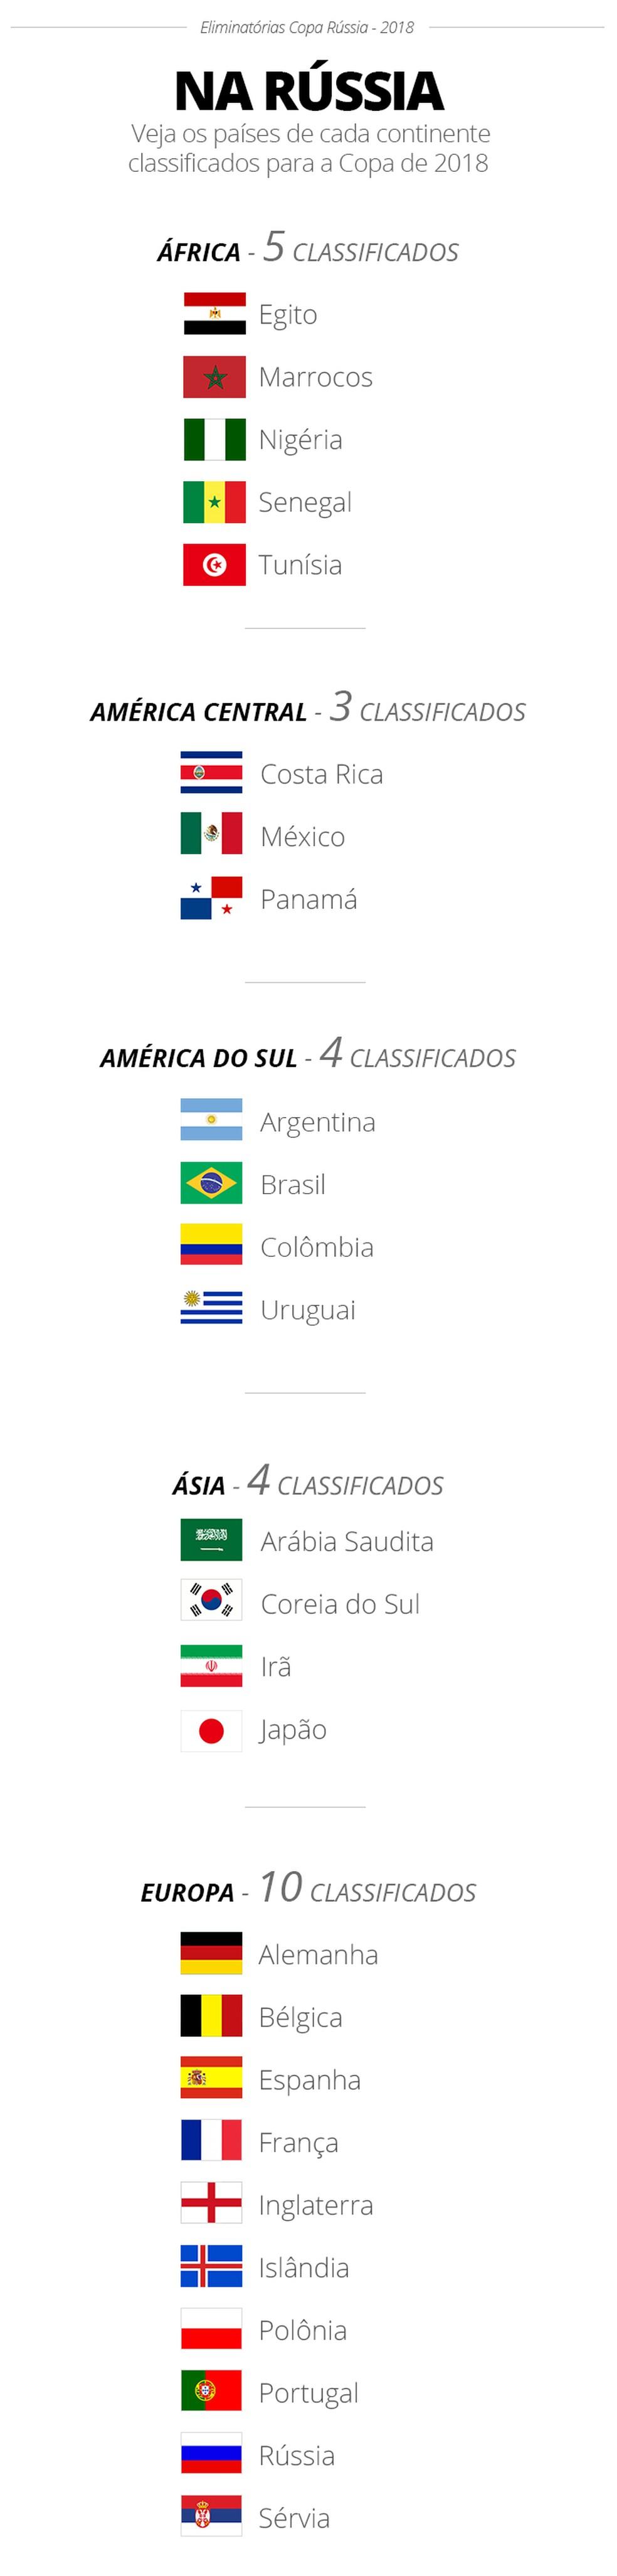 Classificados para a Copa do Mundo da Rússia 2018 (Foto: GloboEsporte.com)